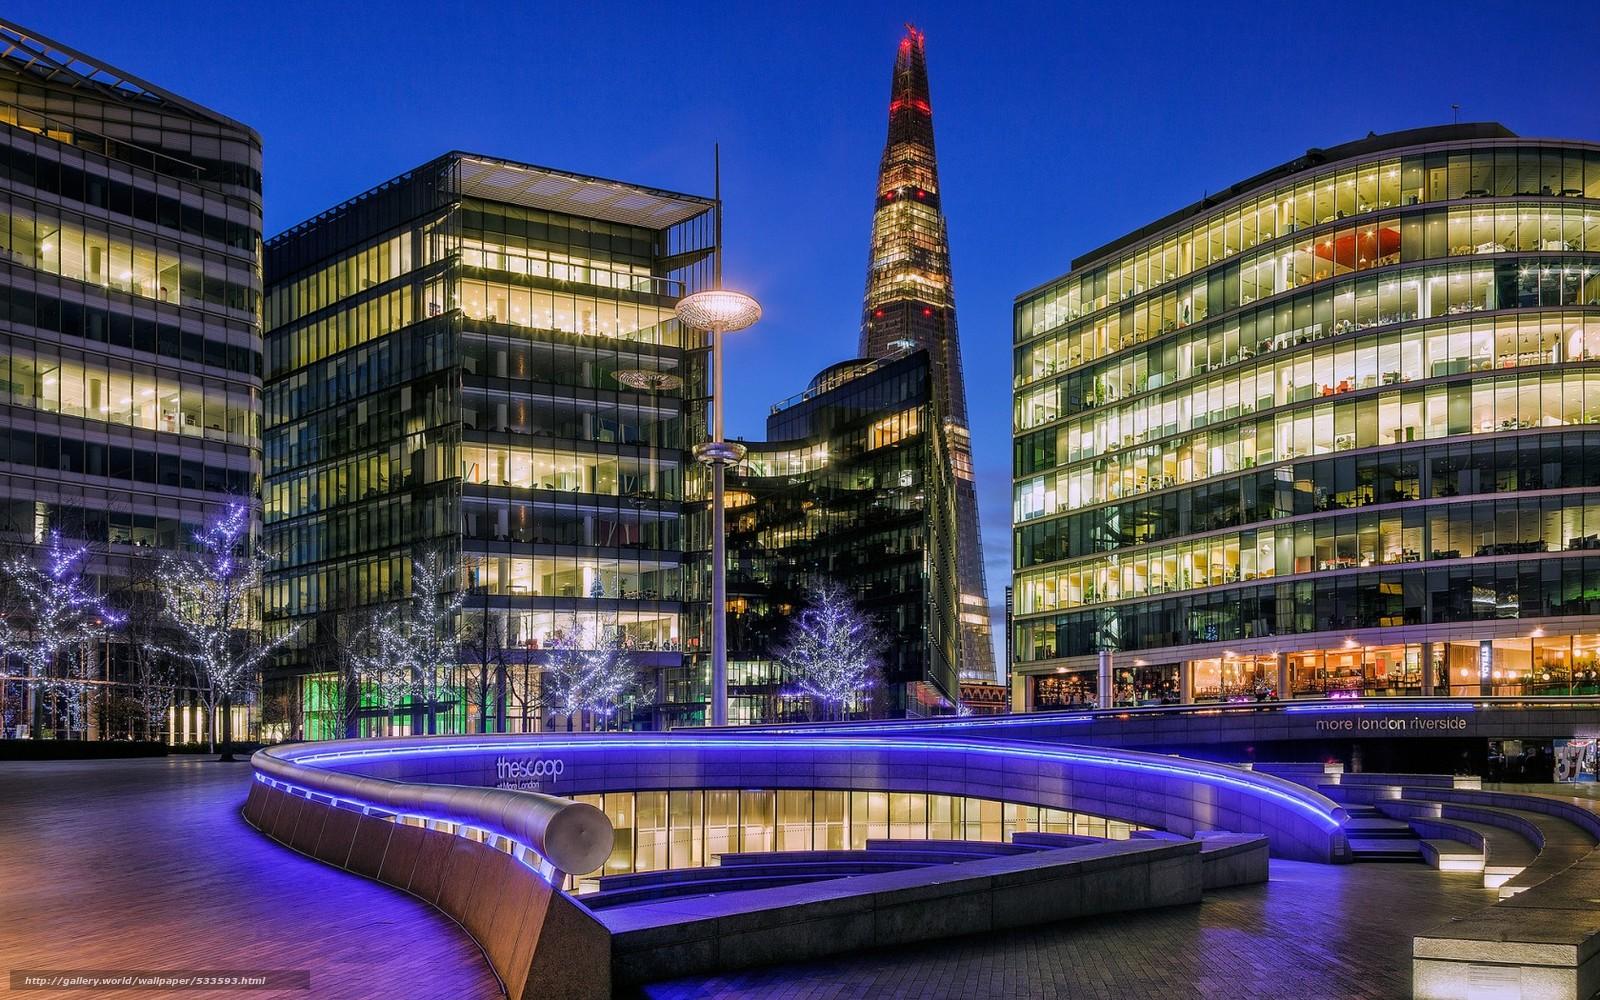 Tlcharger Fond d'ecran btiment,  gratte-ciel,  Londres,  Angleterre Fonds d'ecran gratuits pour votre rsolution du bureau 1680x1050 — image №533593